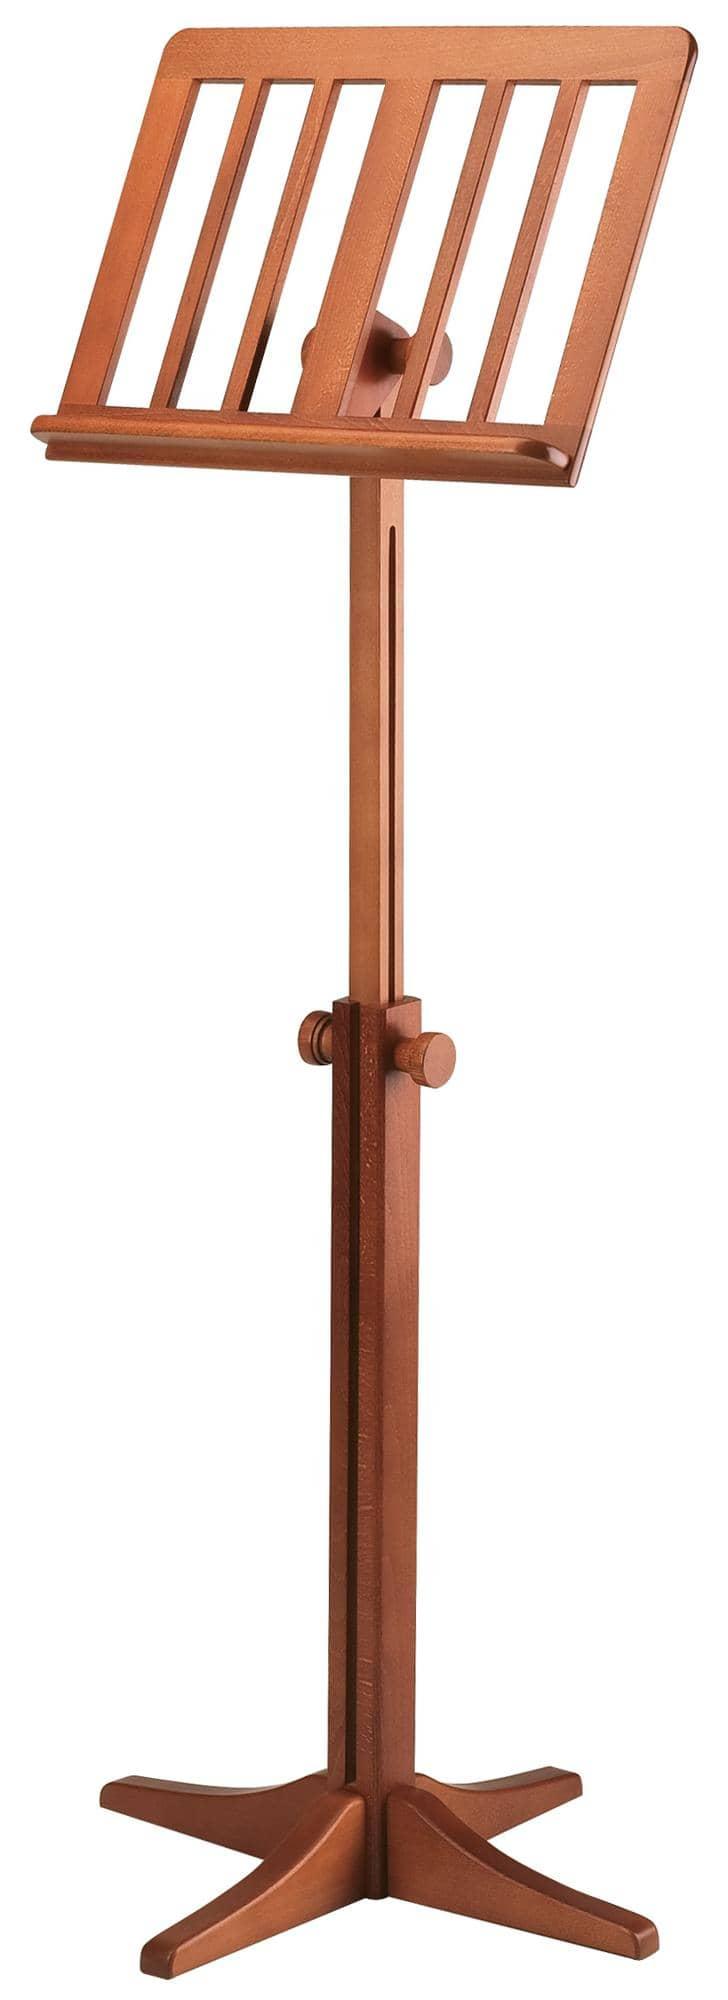 K M 116|1 Holznotenpult Kirschbaum